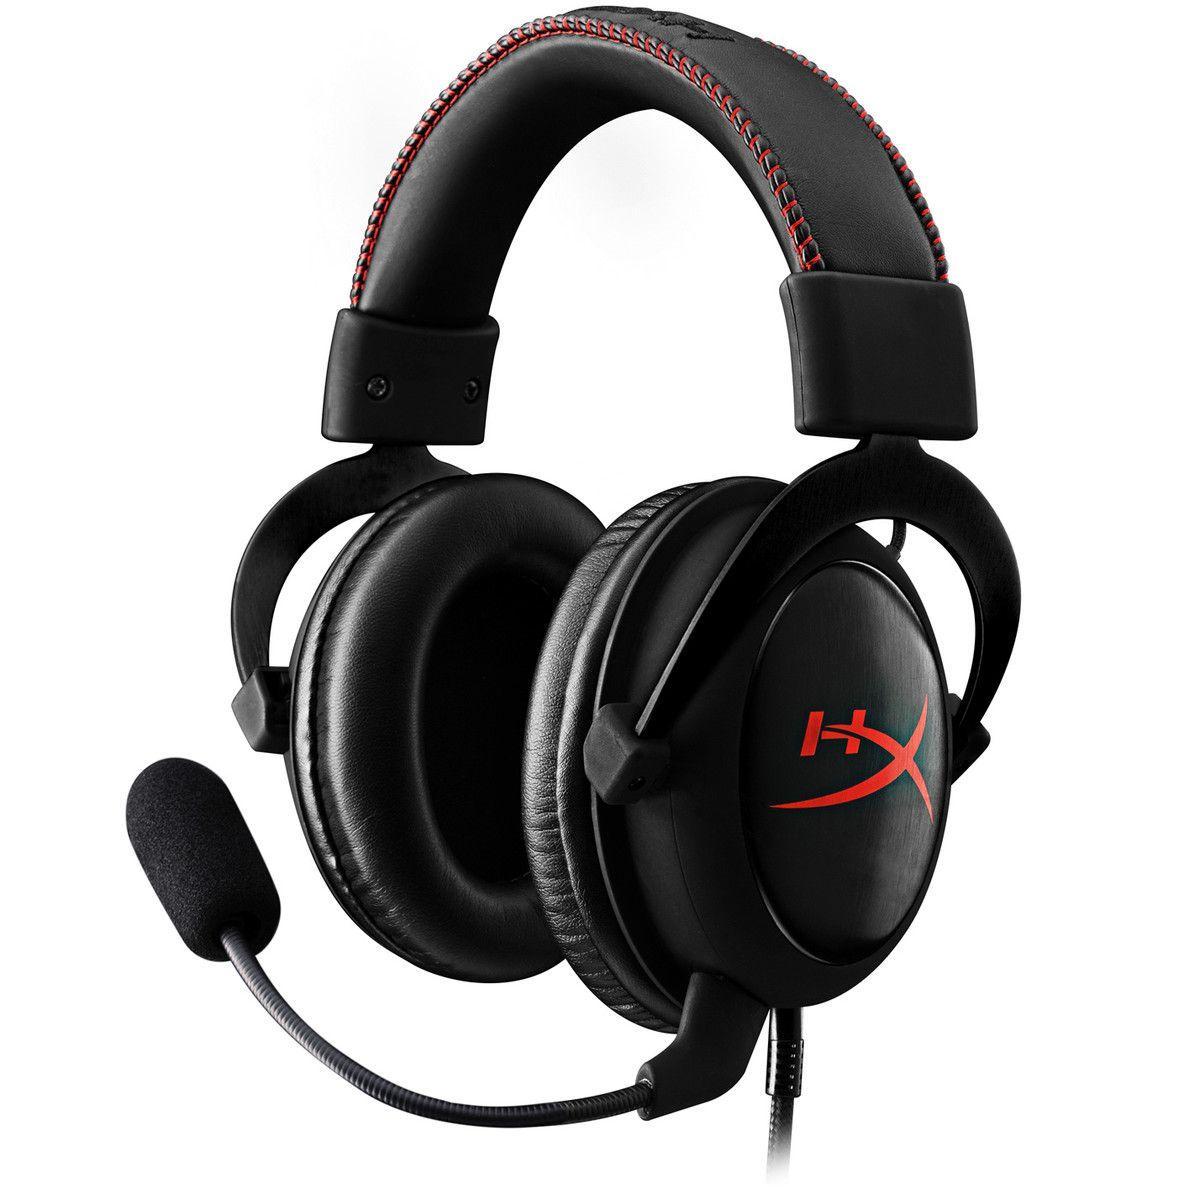 Гарнитура Kingston HyperX Cloud Core Gaming Headset черная – купить ... c011cd357cd73